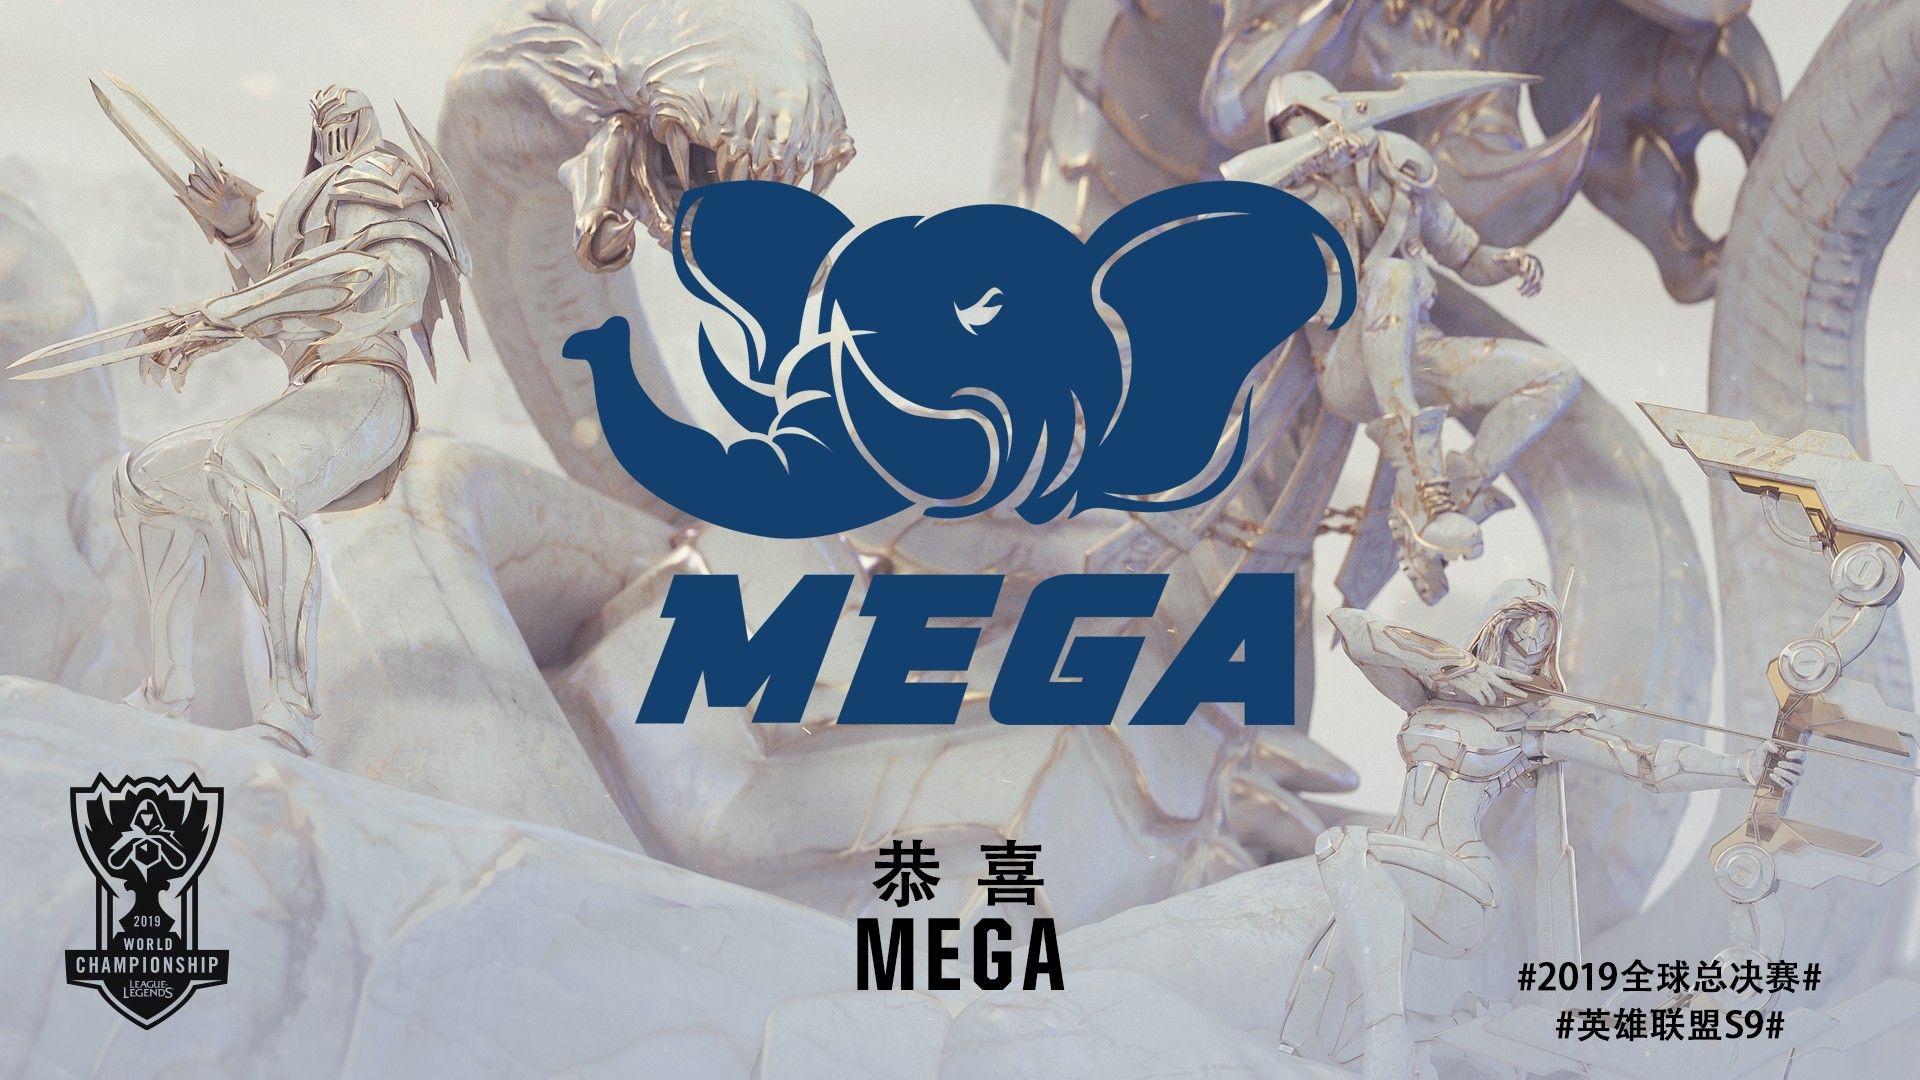 2019全球总决赛战队巡礼:来自东南亚的大象MEGA